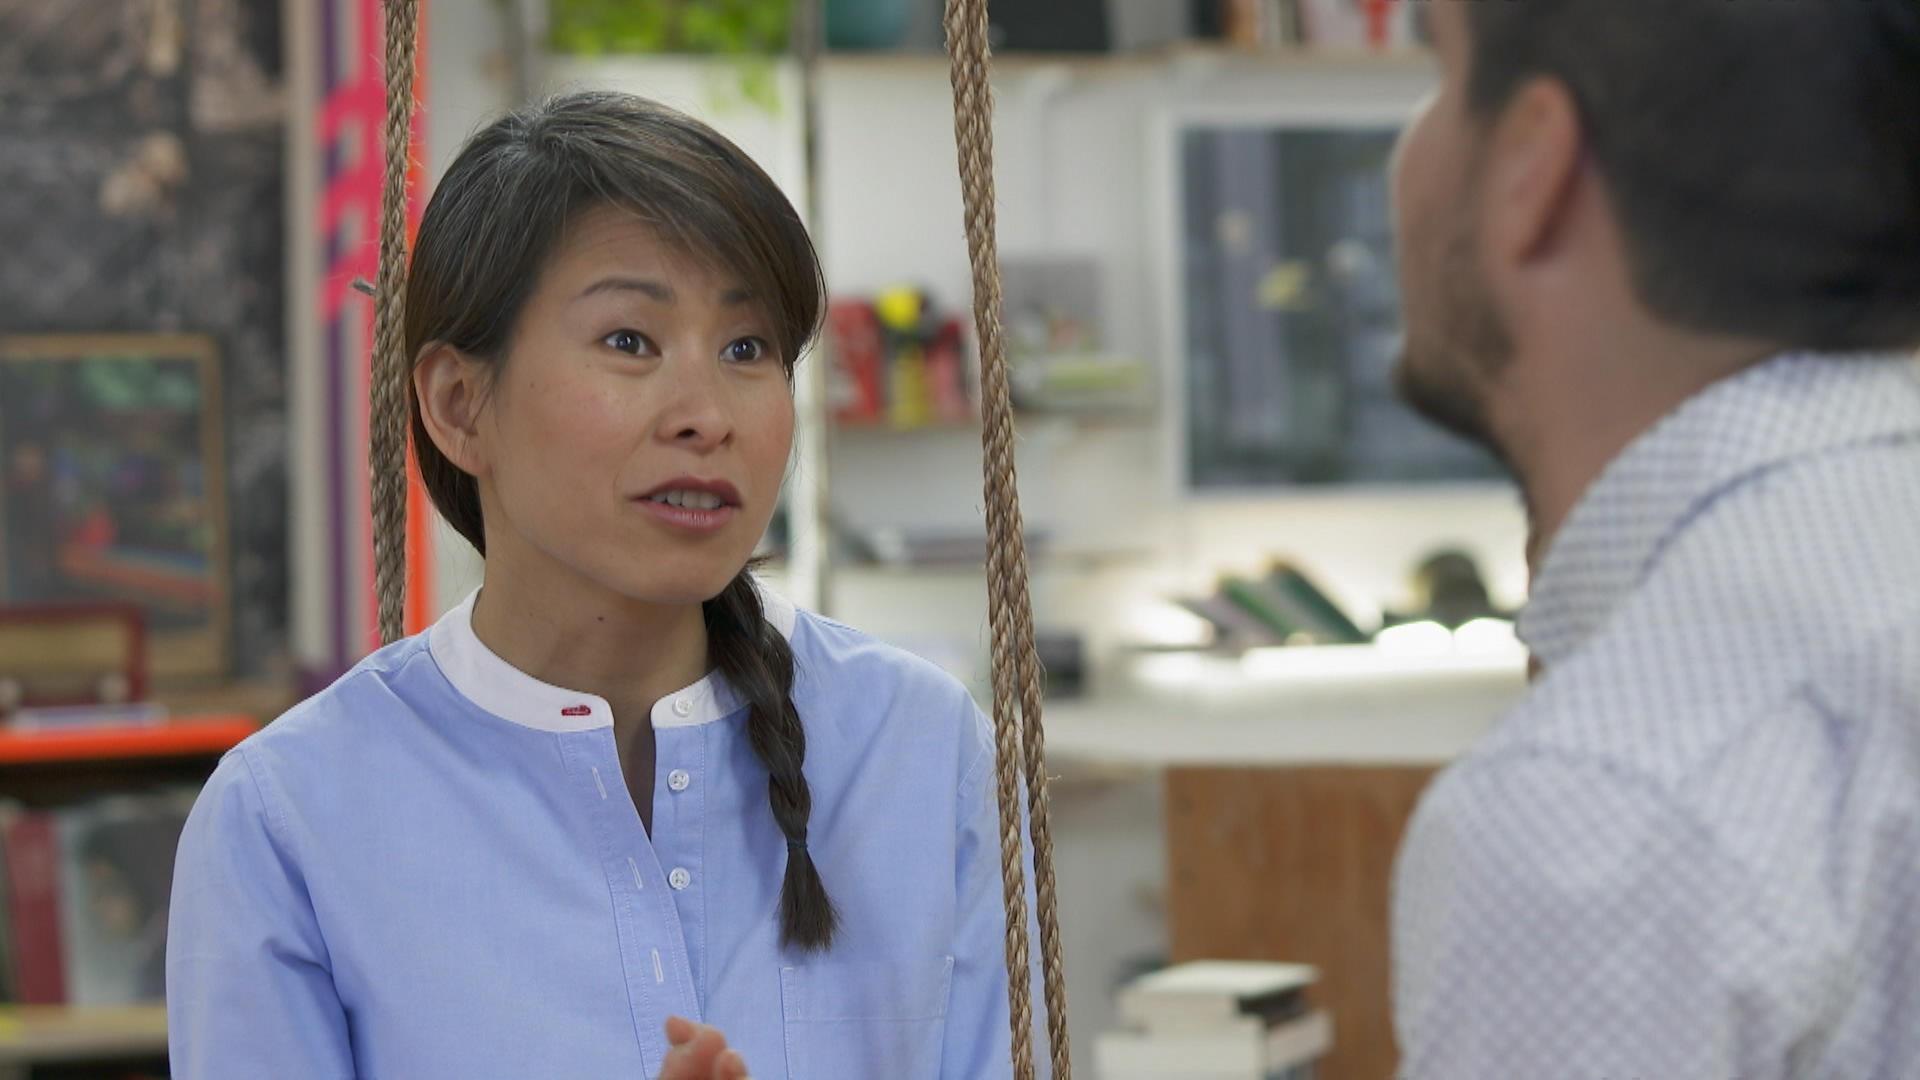 Fabrizia Sacchi,Sophie Thompson (born 1962) Porno clips Claire Goose (born 1975),Ashley Cheadle